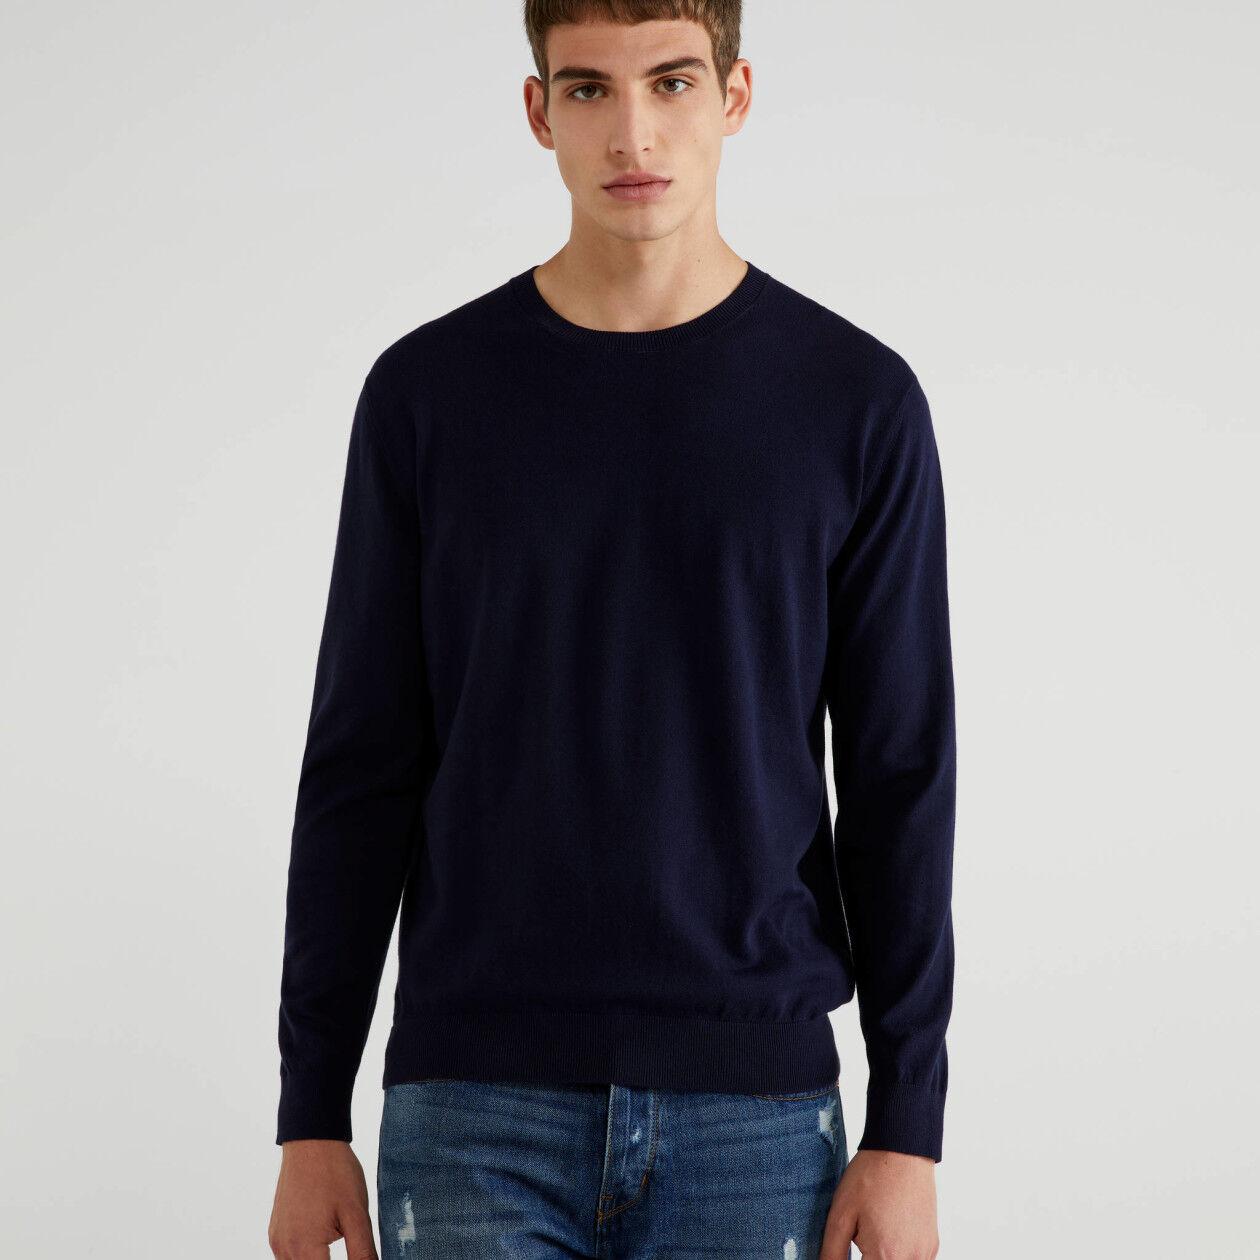 Μπλούζα με λαιμόκοψη από βαμβακερό τρικό